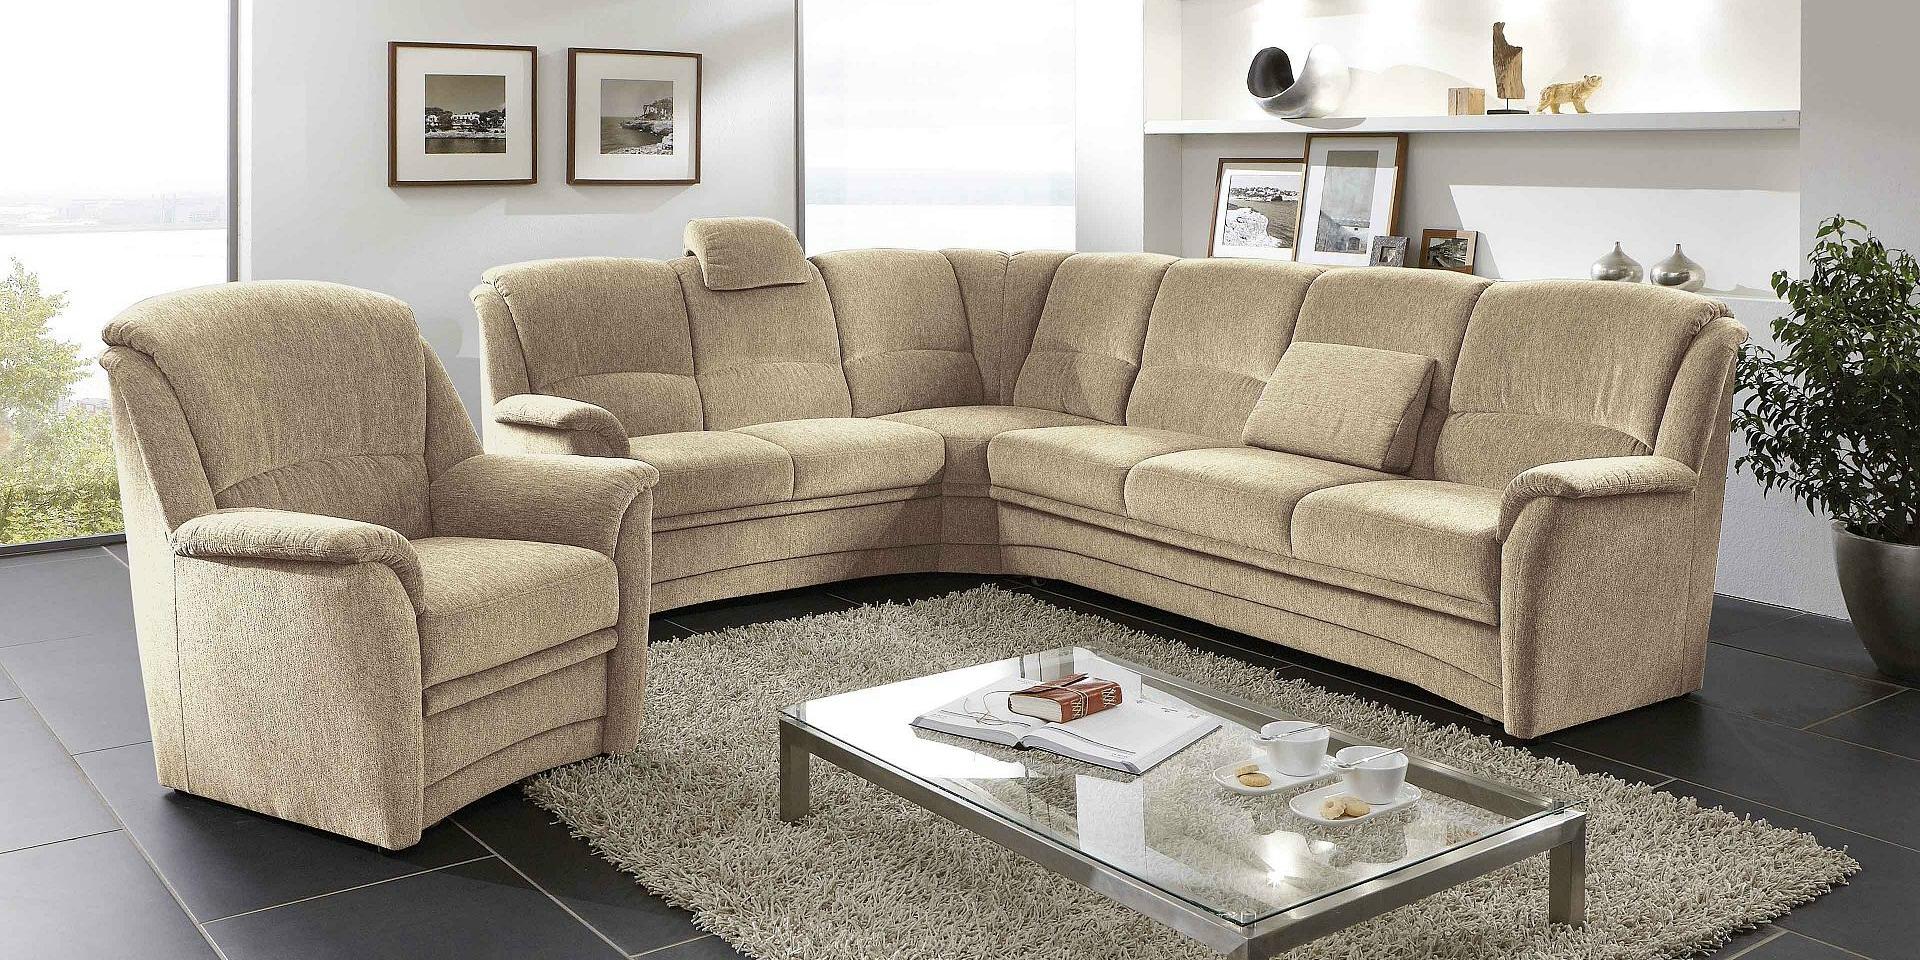 m bel schwab nagold polstergarnituren. Black Bedroom Furniture Sets. Home Design Ideas